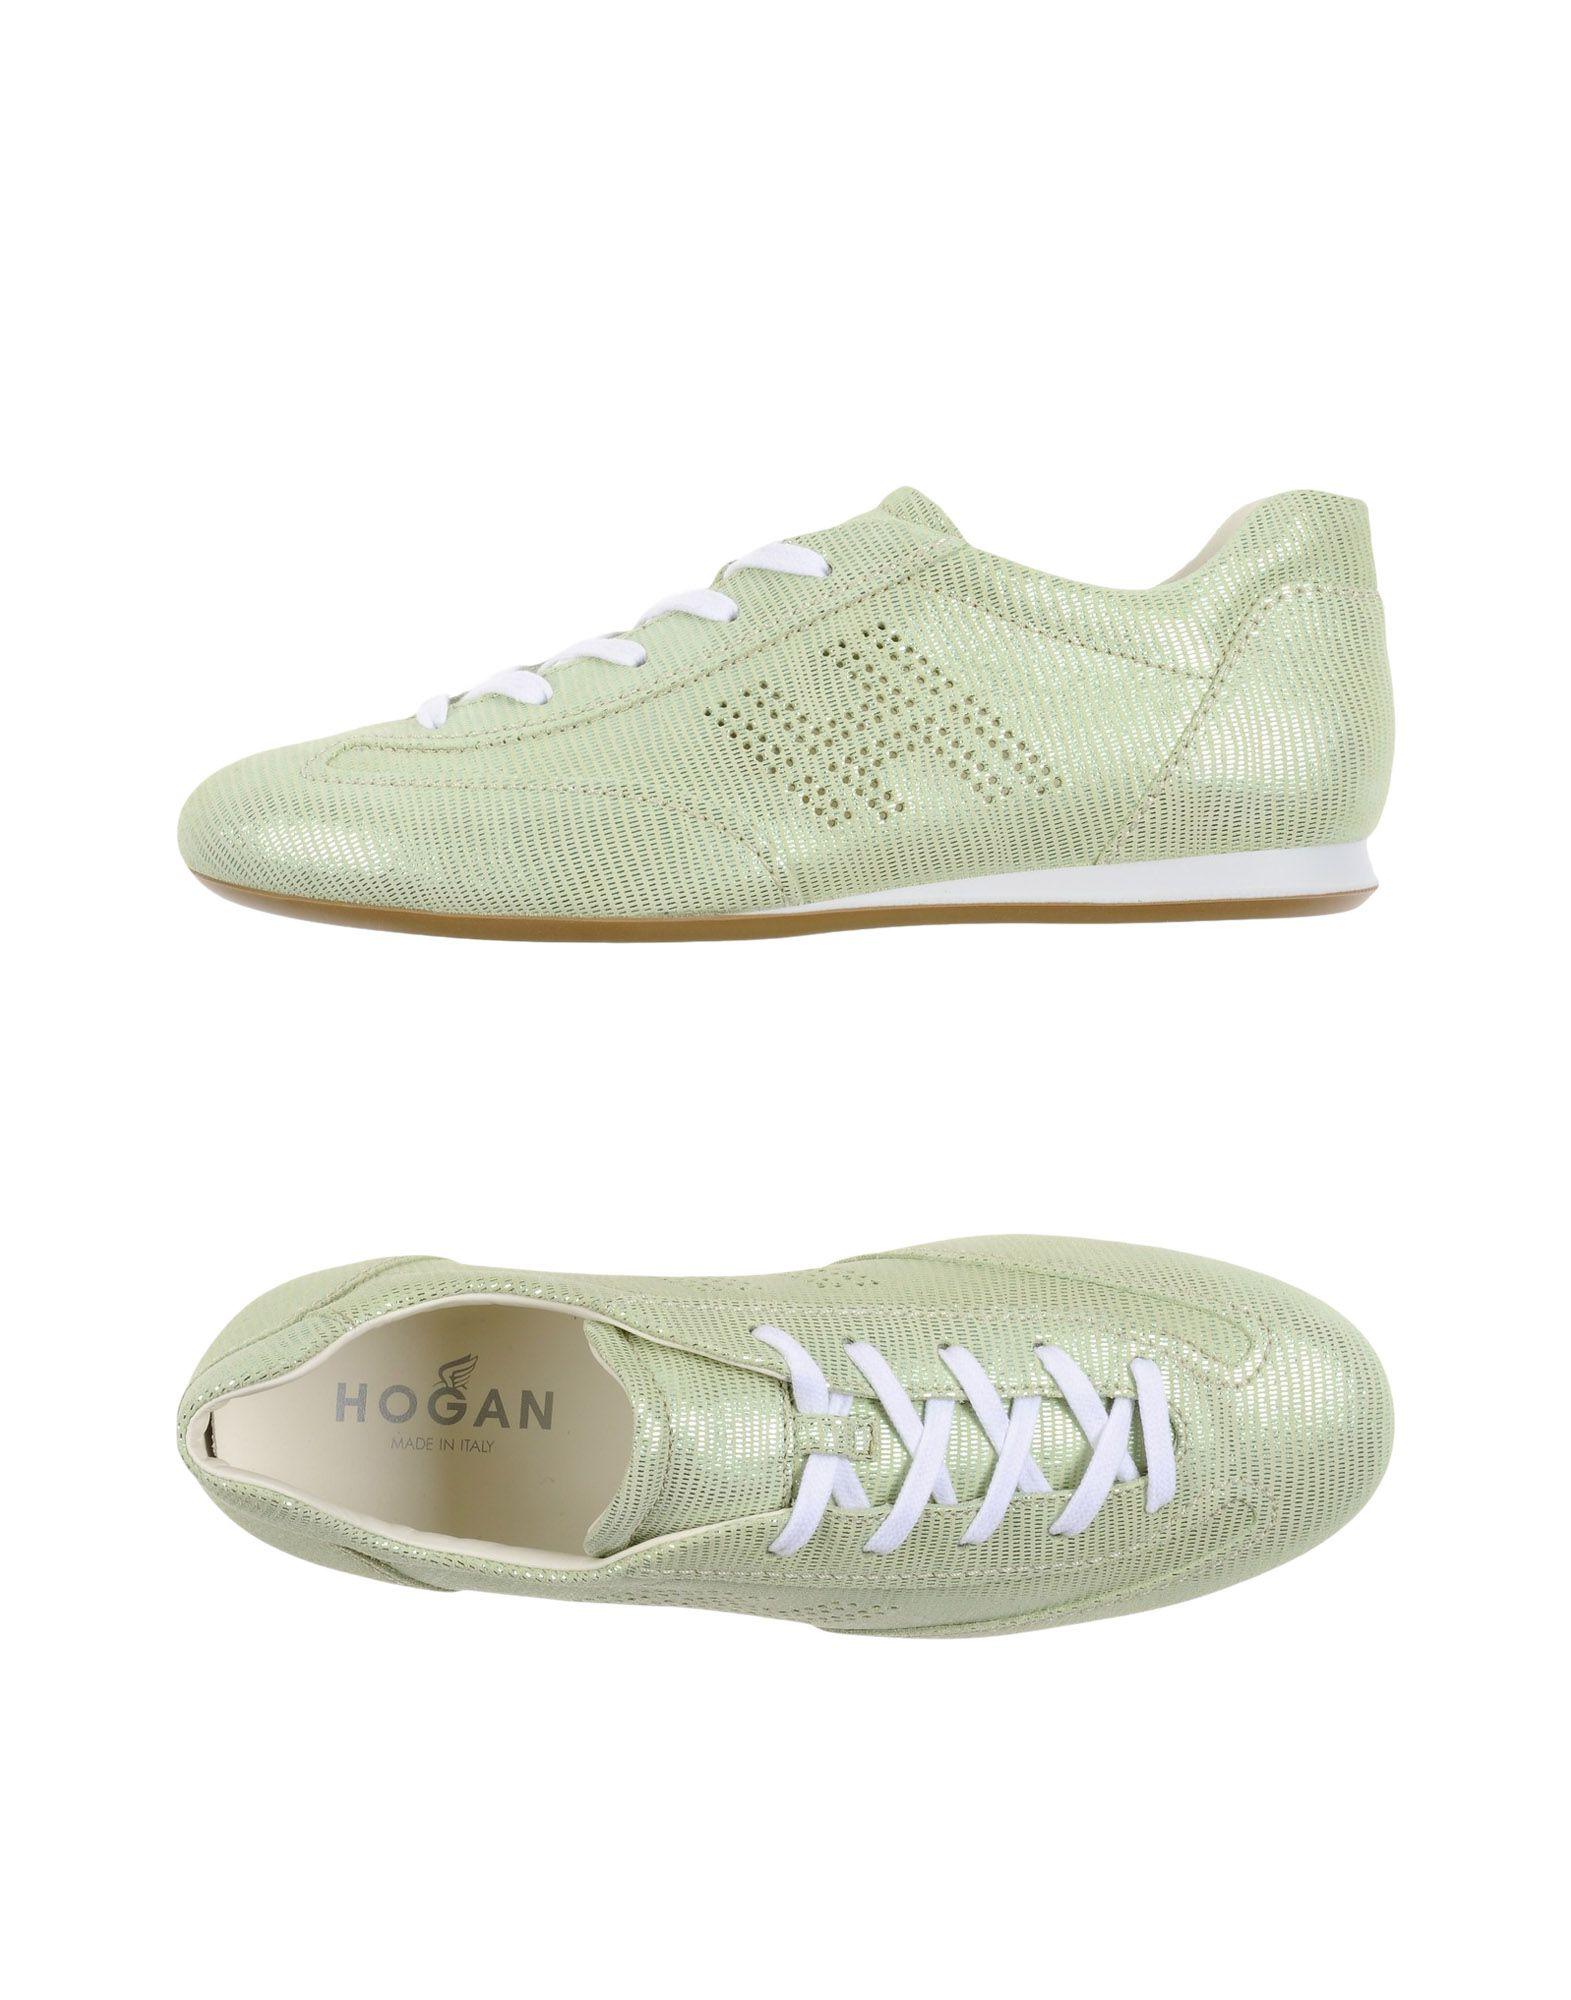 columbia низкие кеды и кроссовки HOGAN Низкие кеды и кроссовки